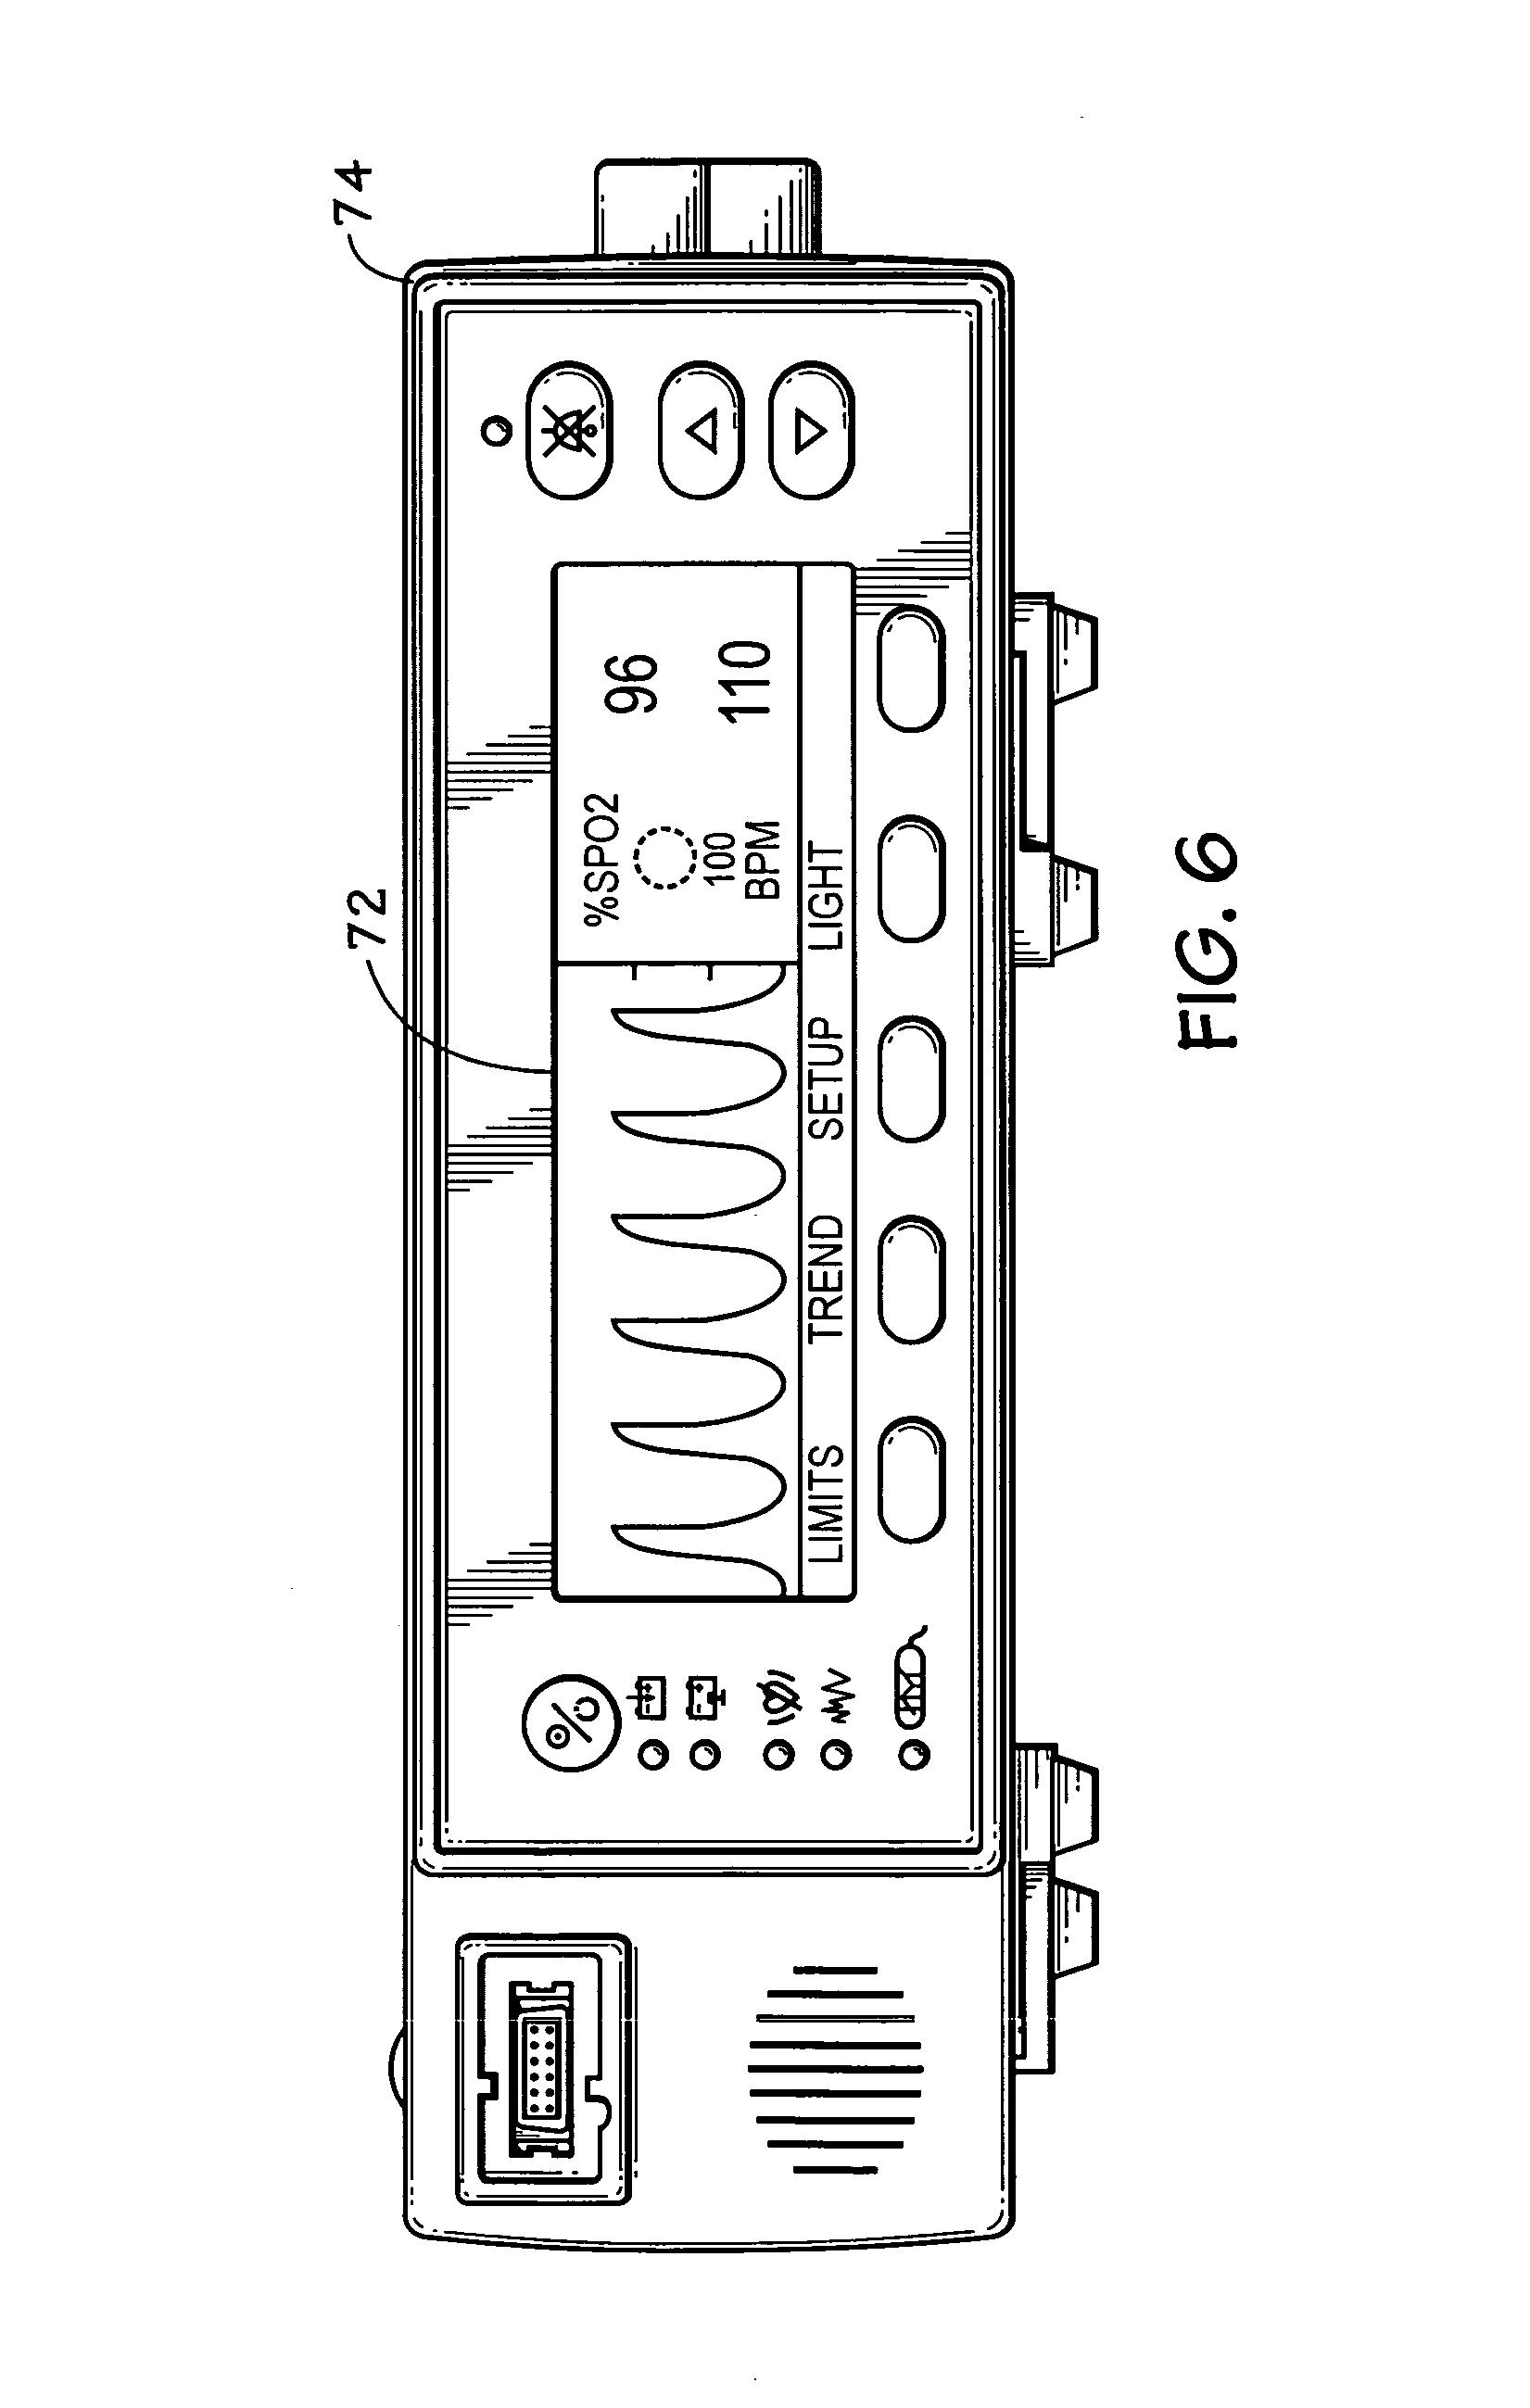 patent us7212847